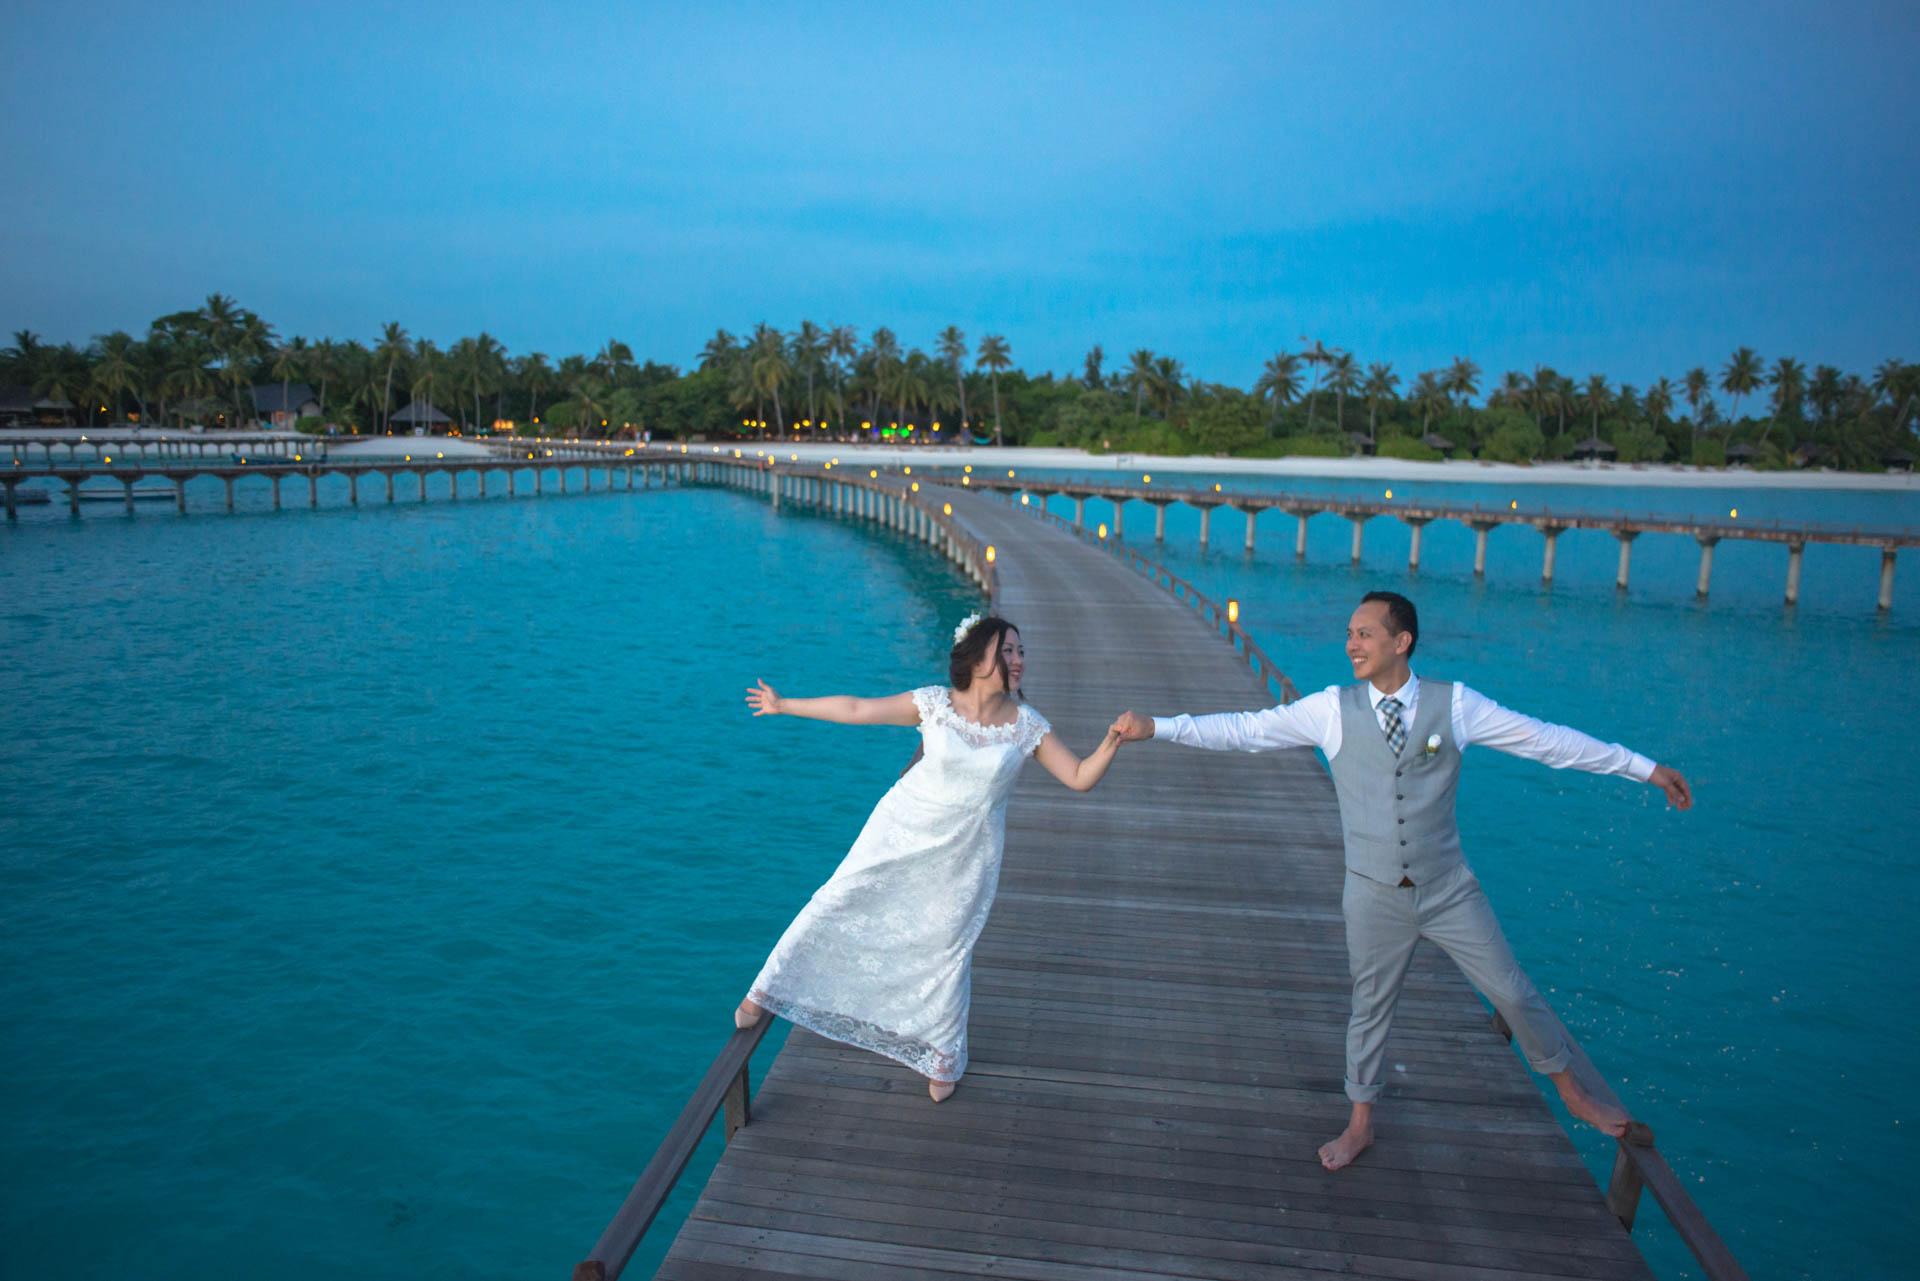 Grace Wu and Geral Meow at Sun Siyam Irufushi Maldives in Noonu Atoll 52